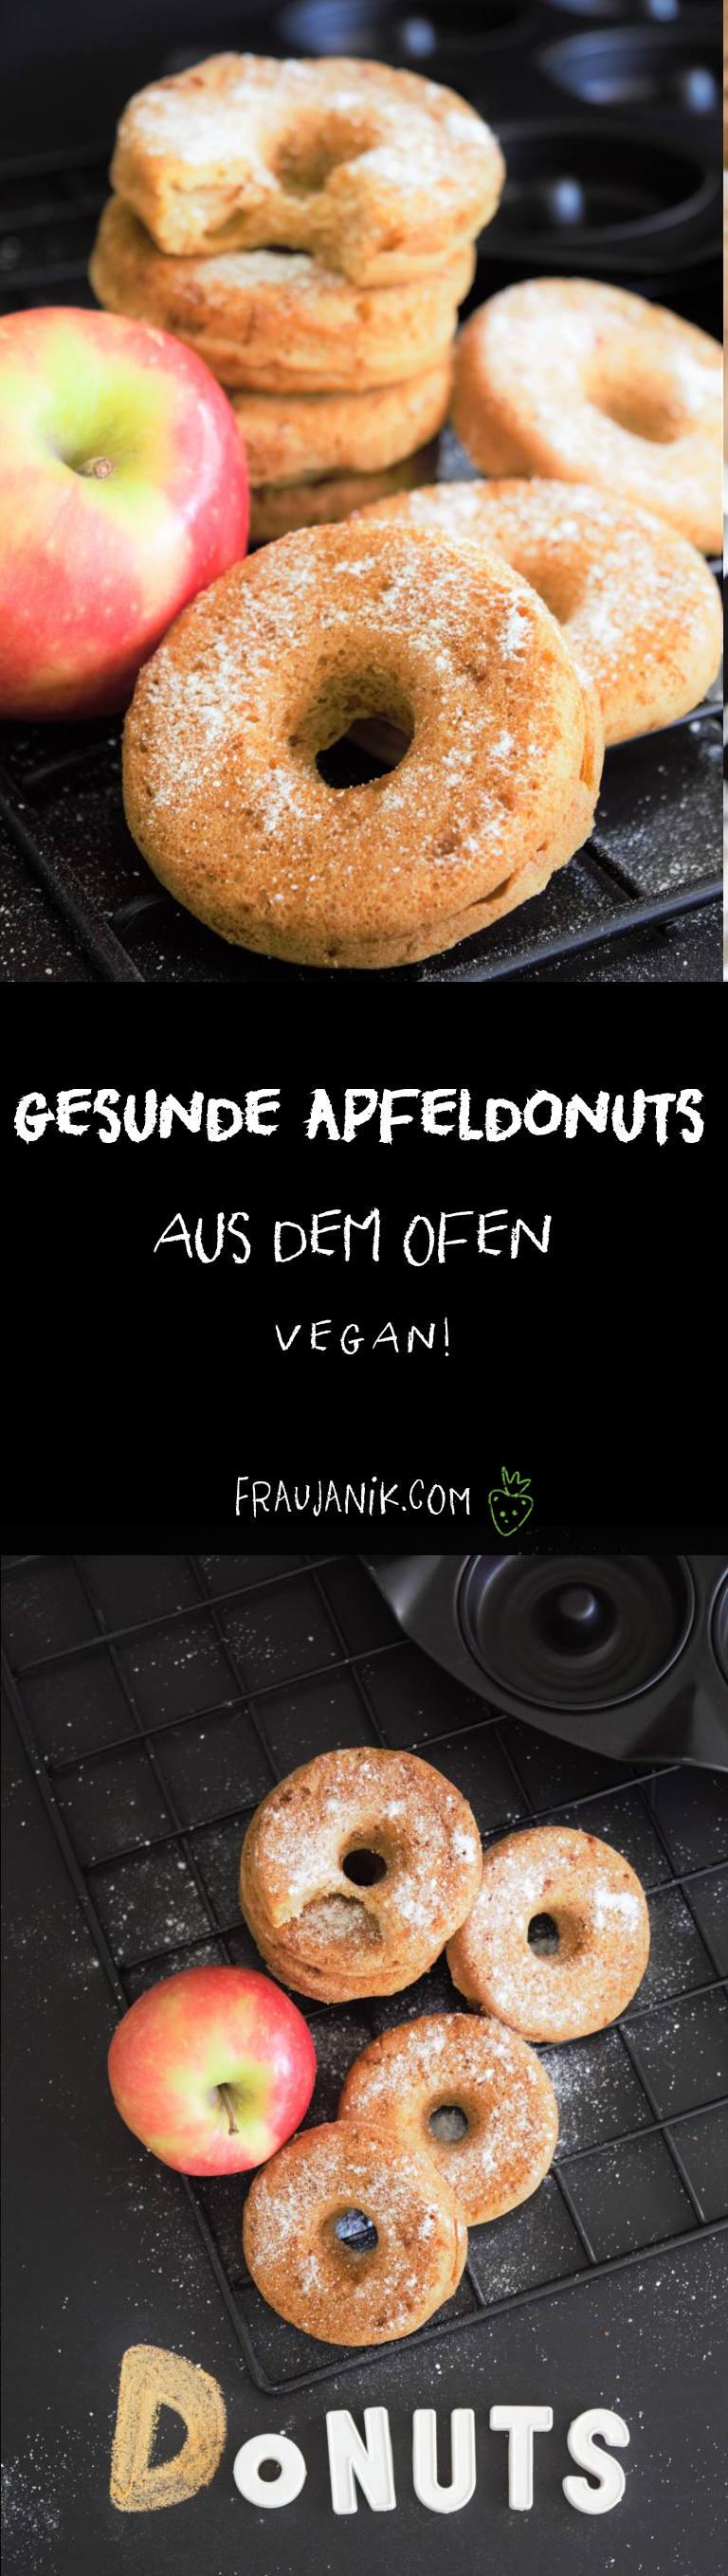 Apfel Donuts, donuts aus dem Ofen, Apfelküchlein